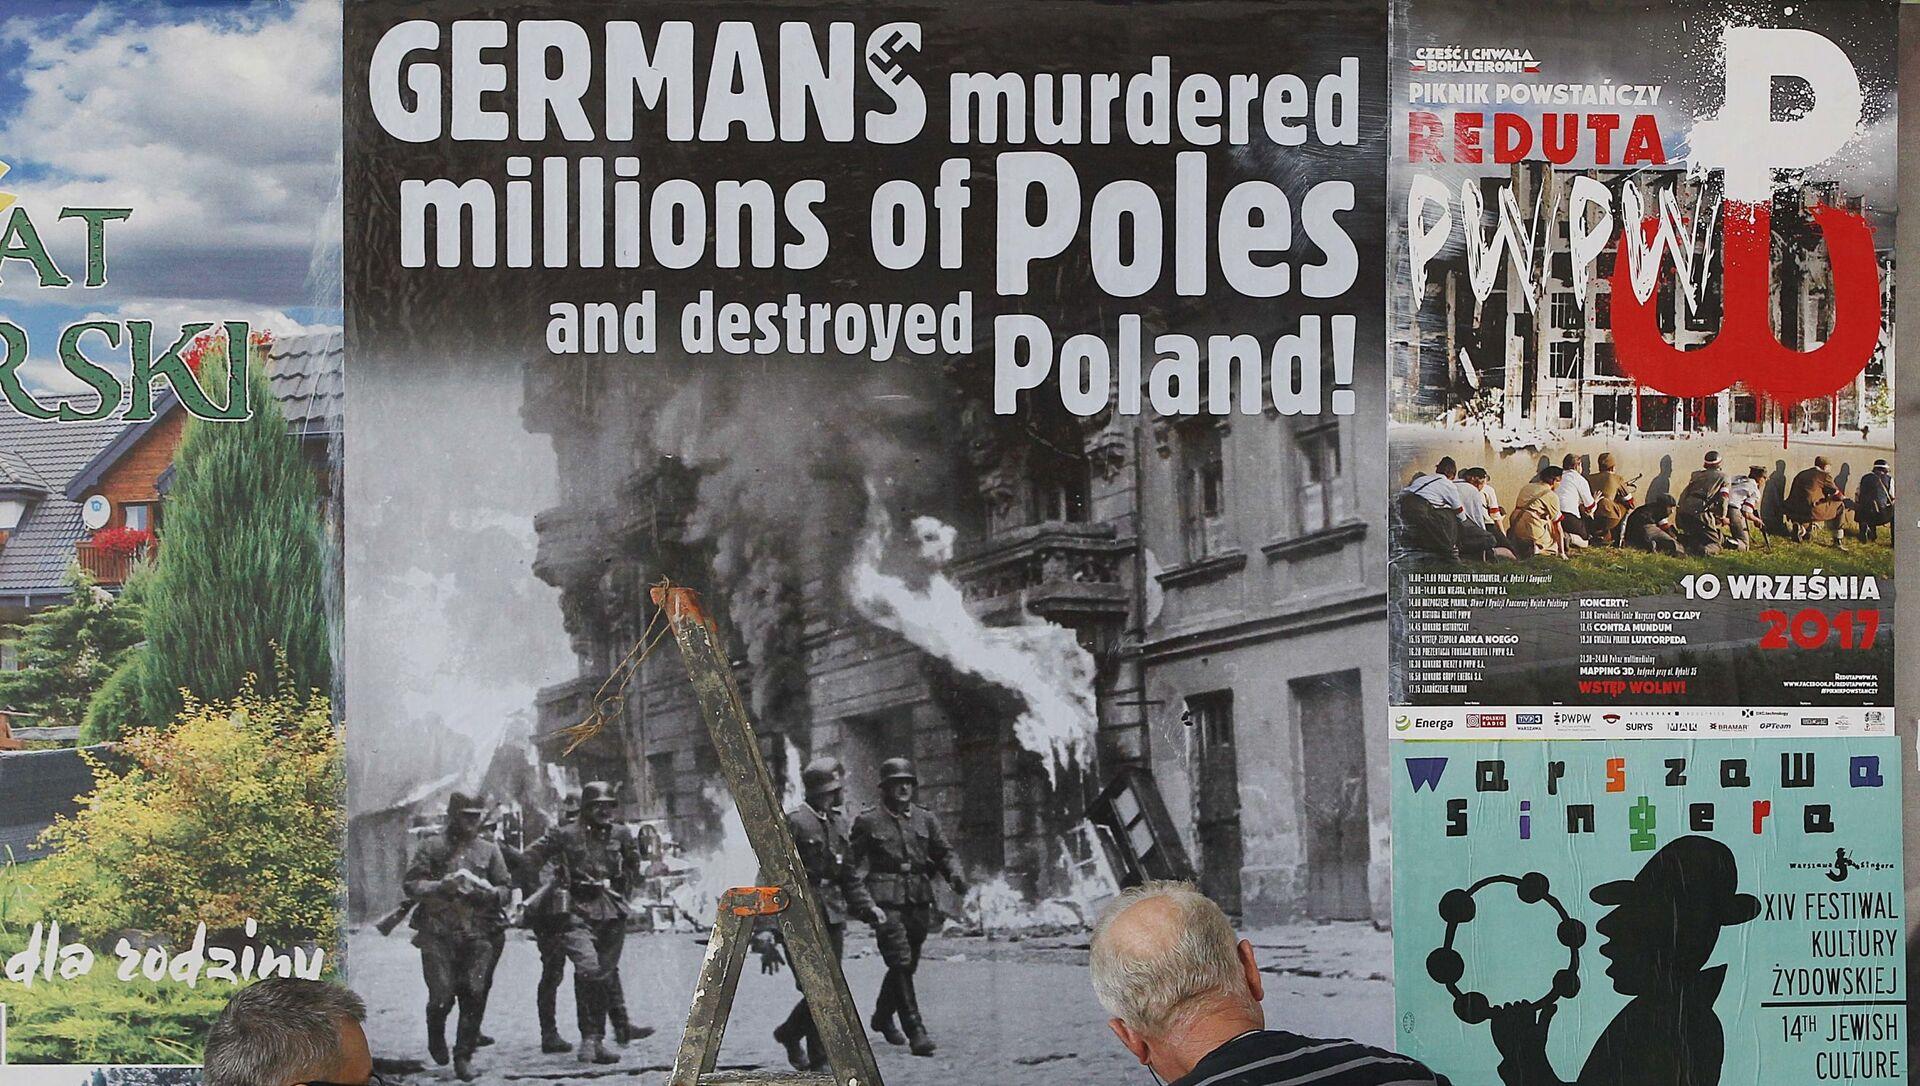 Plakat wzywający Niemcy do wypłaty powojennych reparacji Polsce  - Sputnik Polska, 1920, 12.06.2021